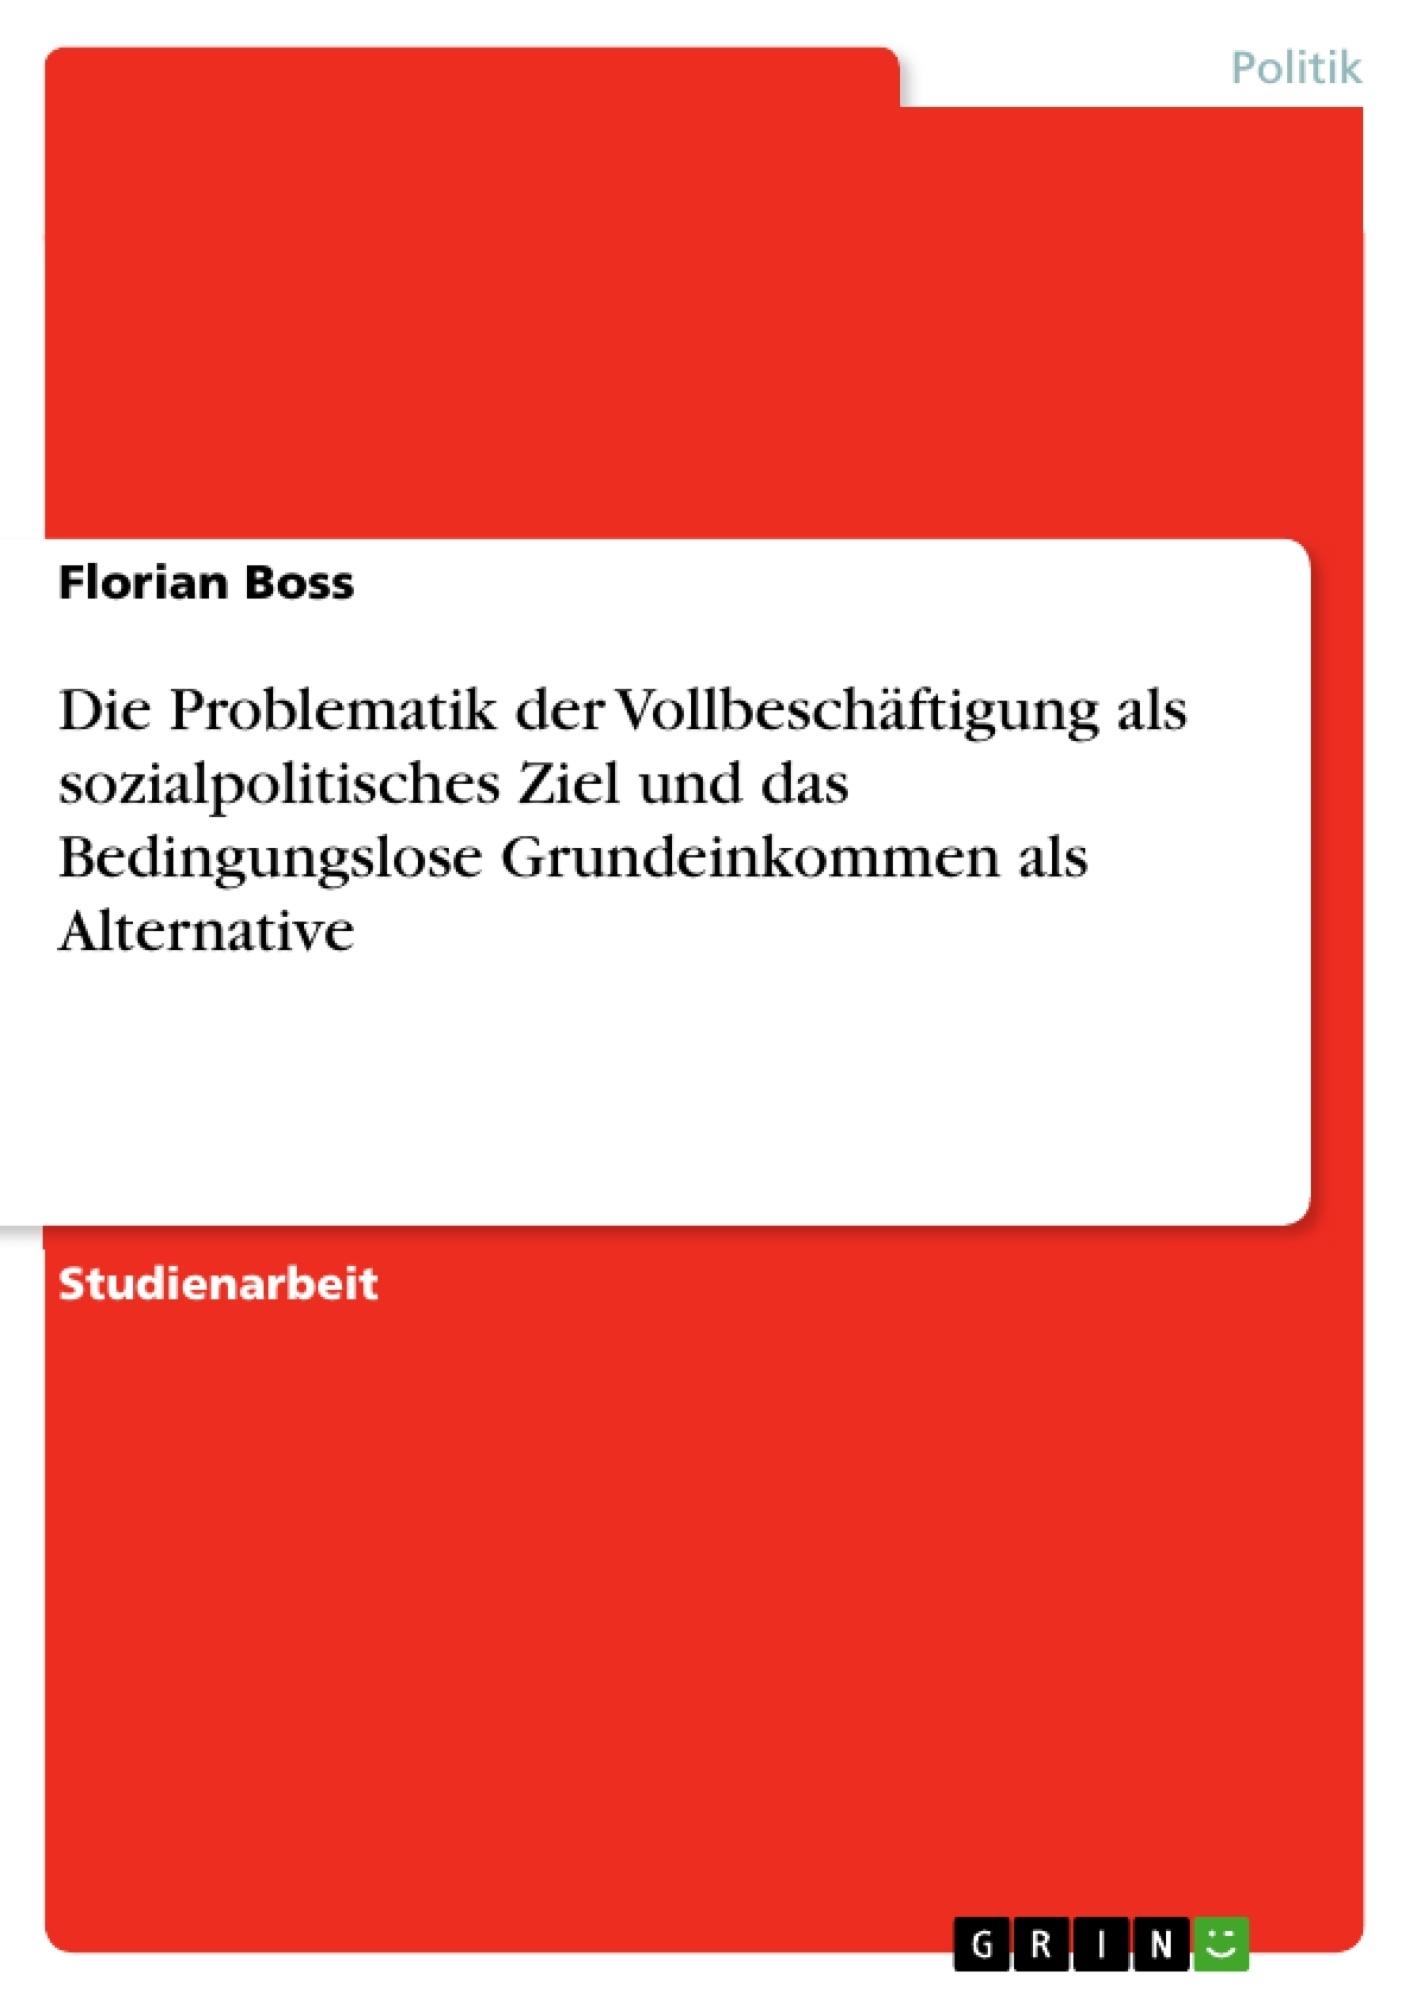 Titel: Die Problematik der Vollbeschäftigung als sozialpolitisches Ziel und das Bedingungslose Grundeinkommen als Alternative